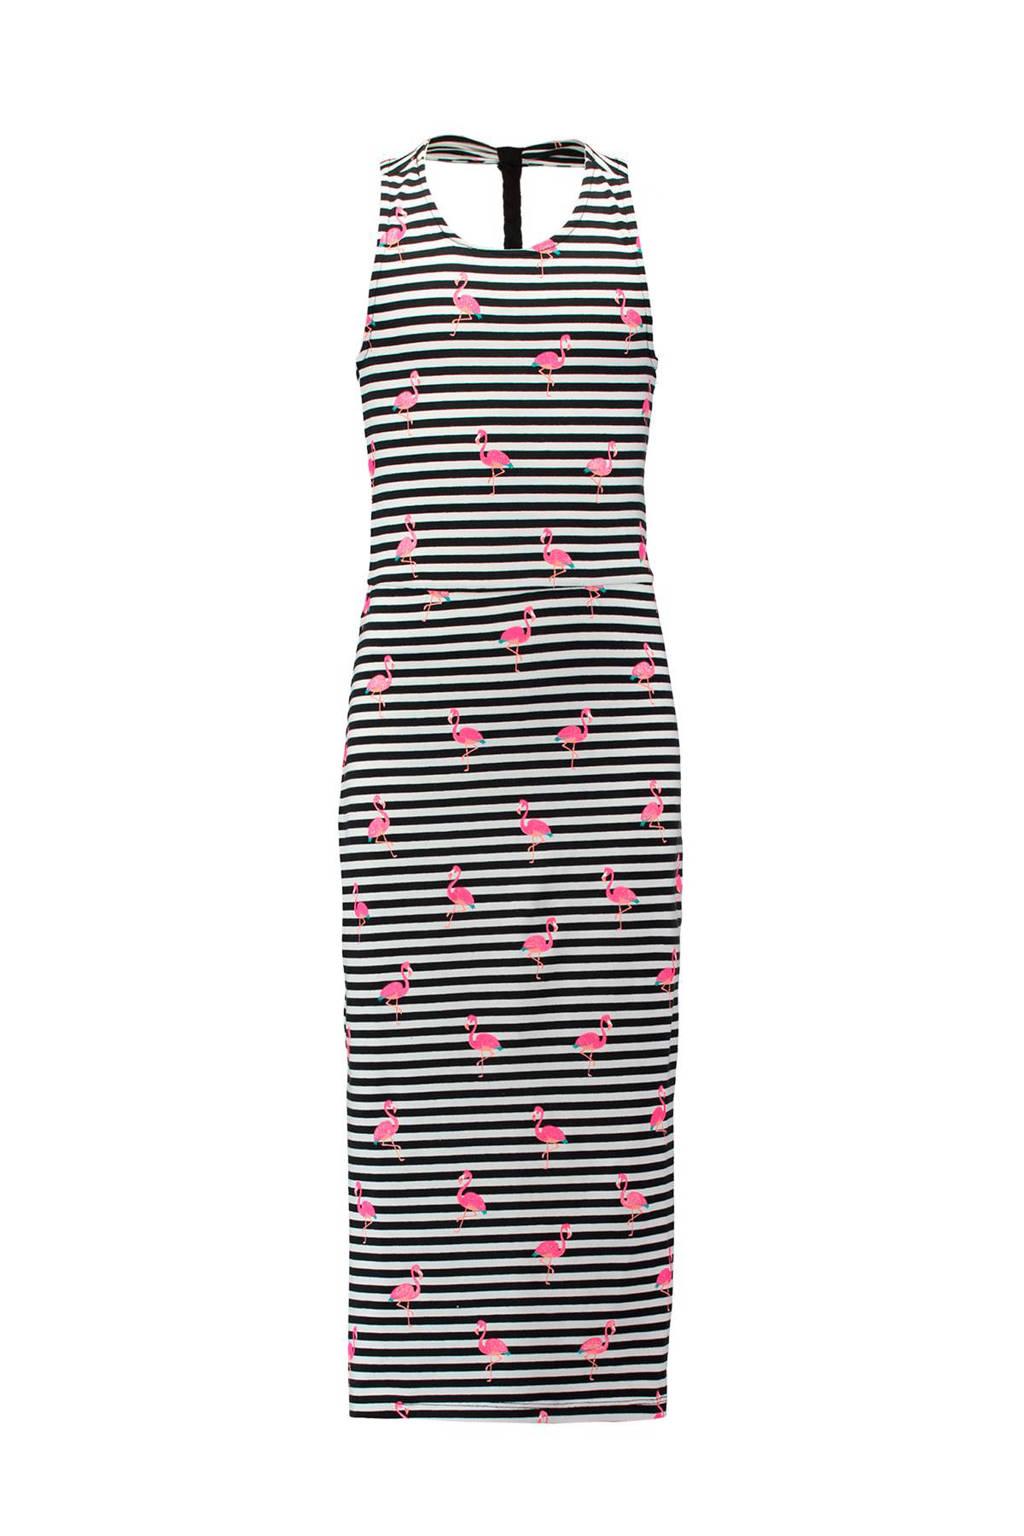 e8454a7af4ed7f CoolCat gestreepte maxi jurk zwart wit